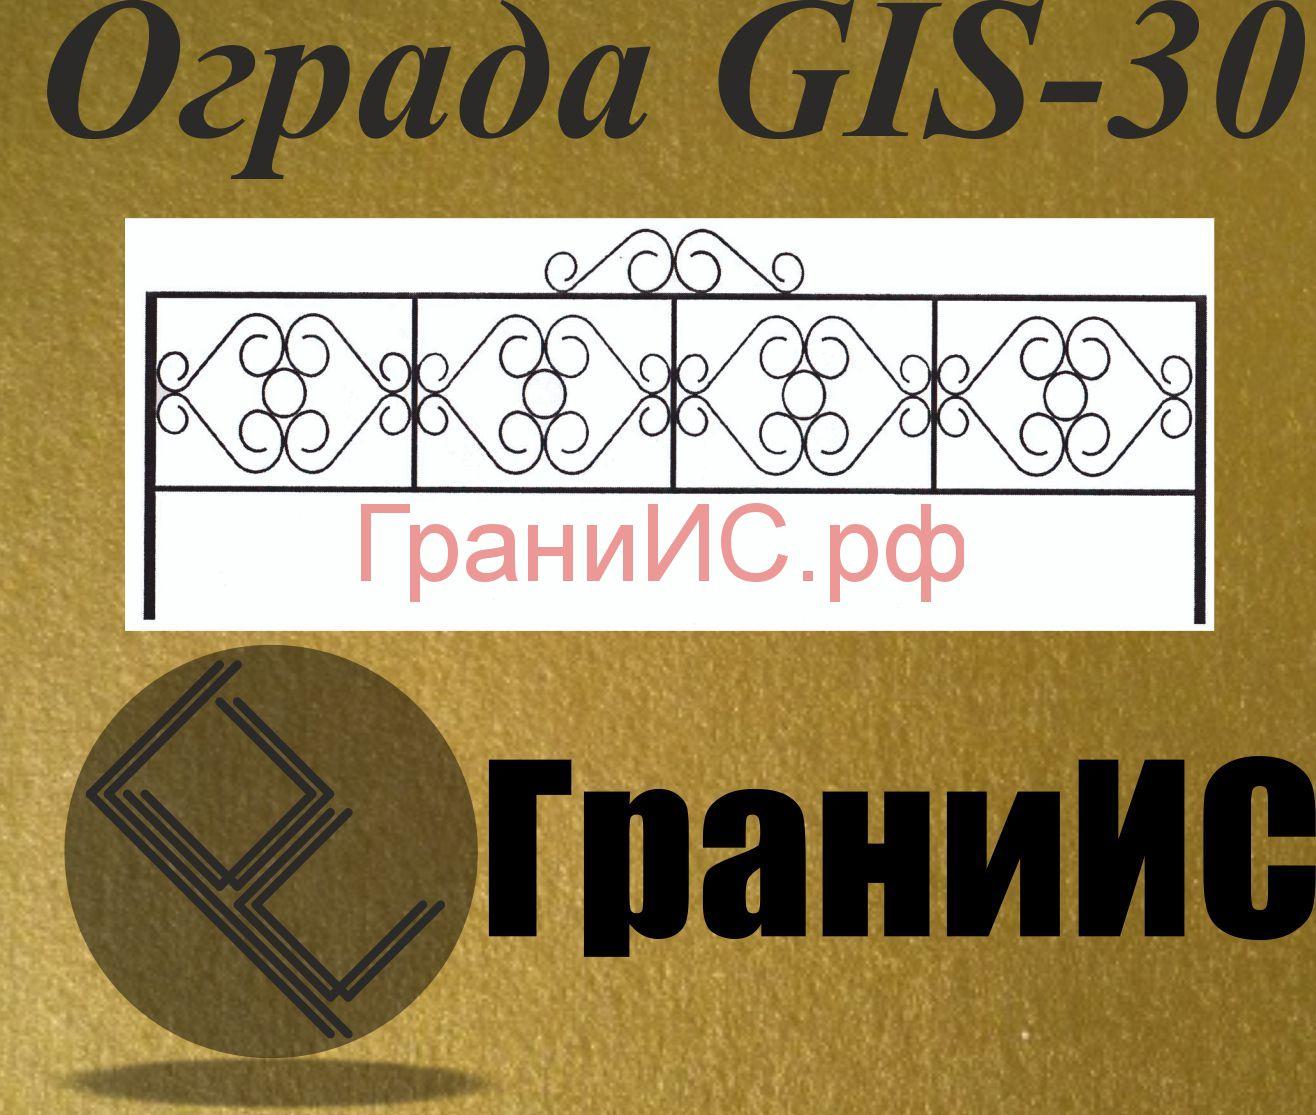 Ограда G - 30